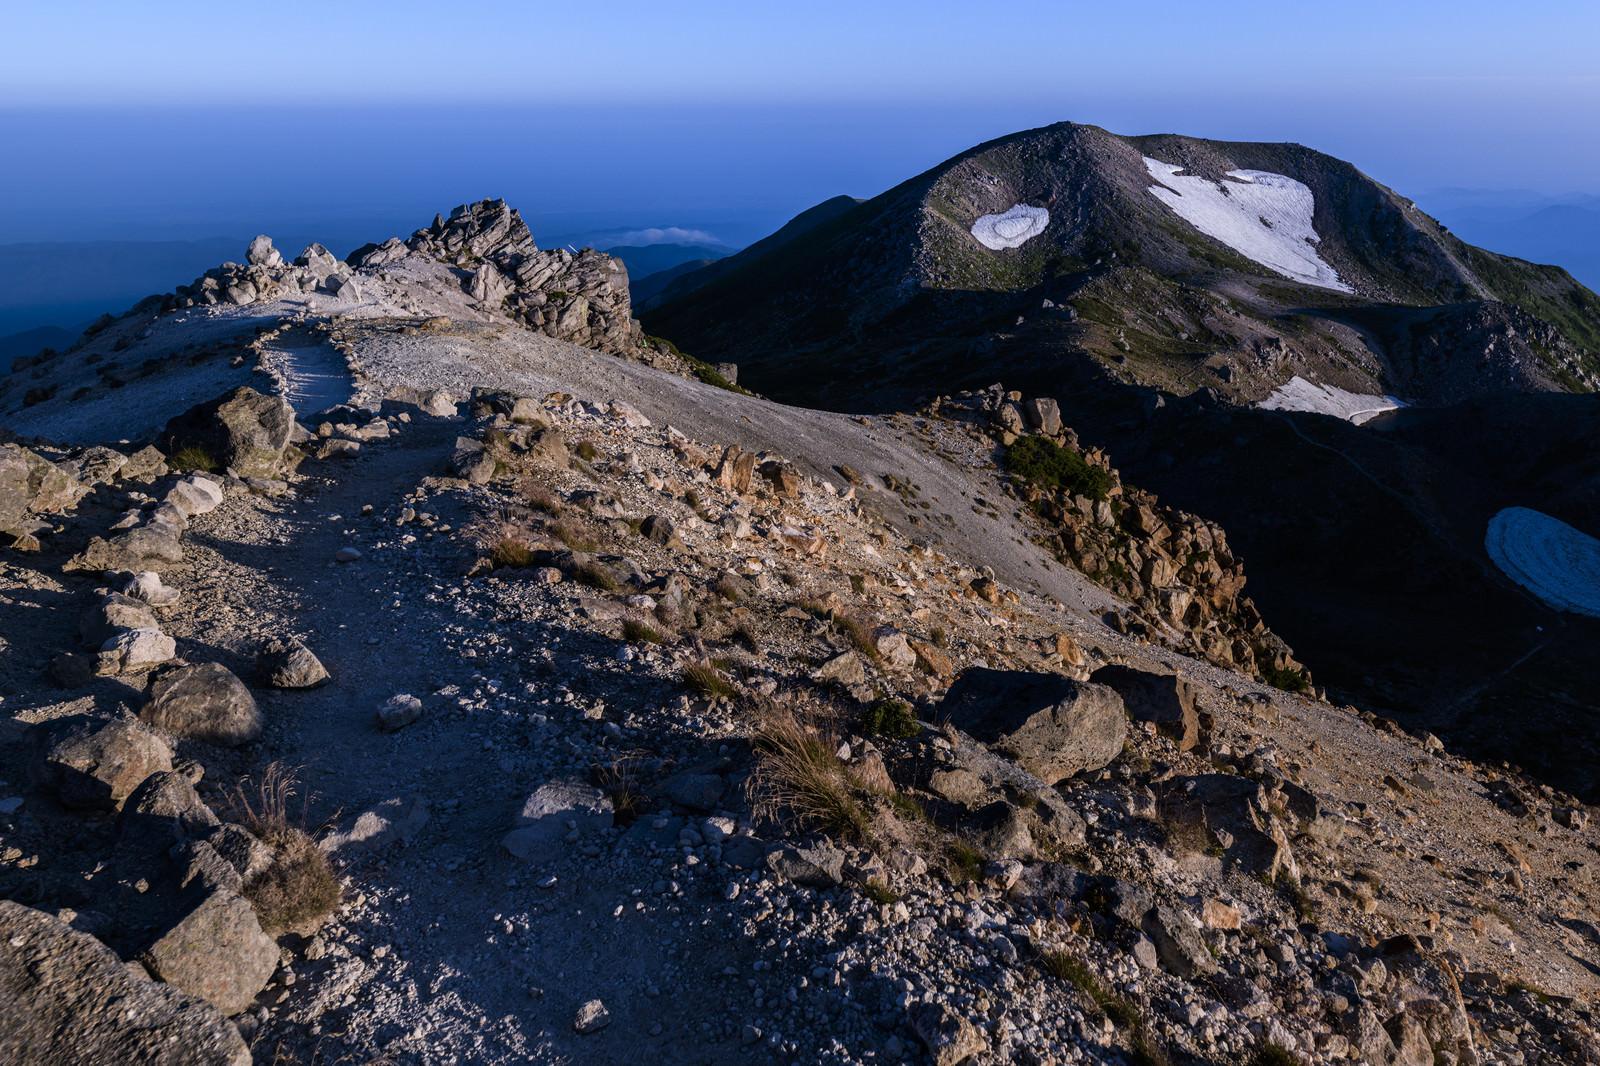 「御前峰から大汝峰へと向かう道(白山)」の写真